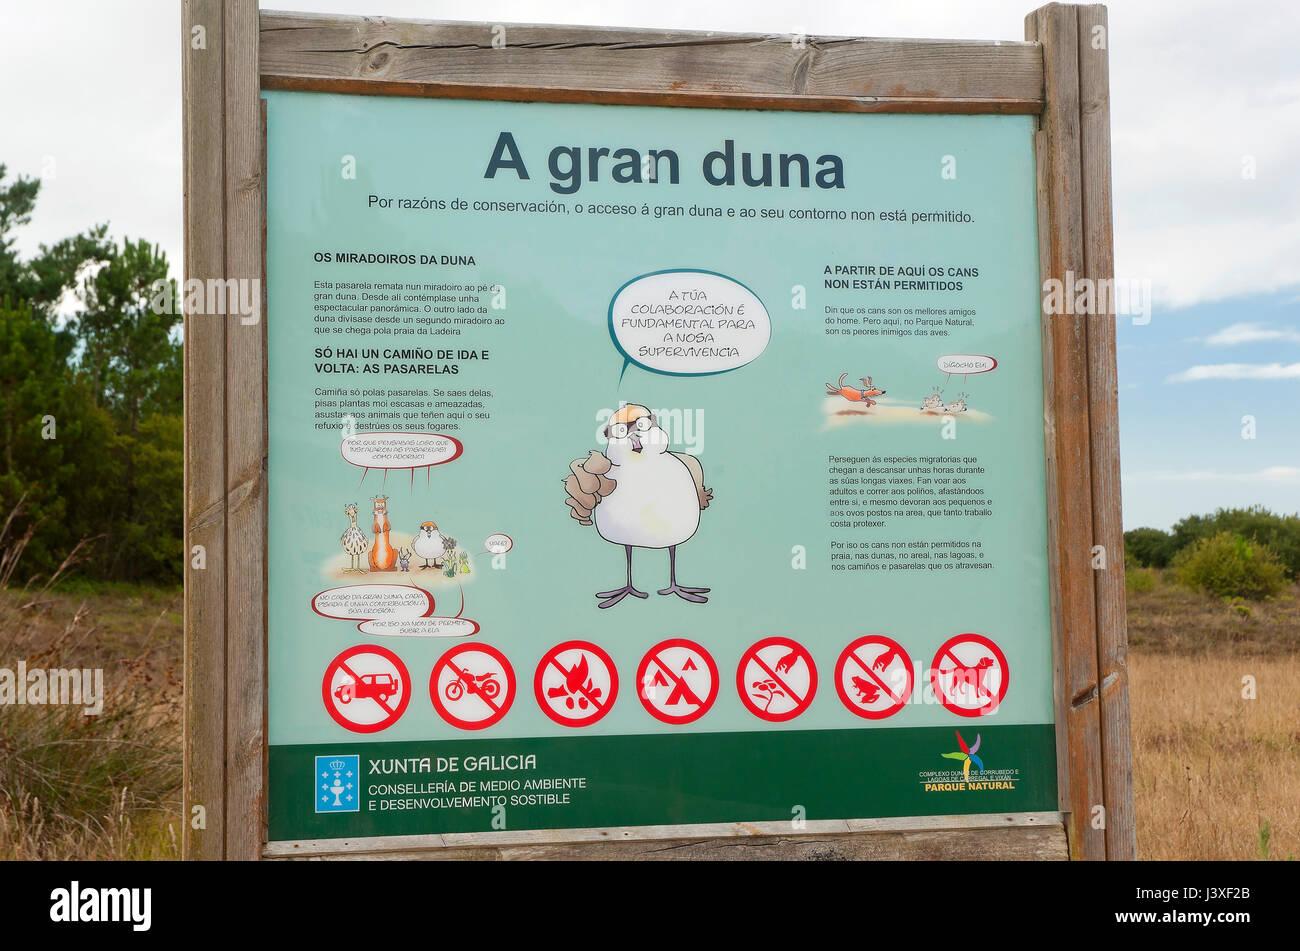 Natural Park Dunas de Corrubedo y Lagunas de Carregal y Vixan-informative poster, Olveira, Ribeira, La Coruña - Stock Image